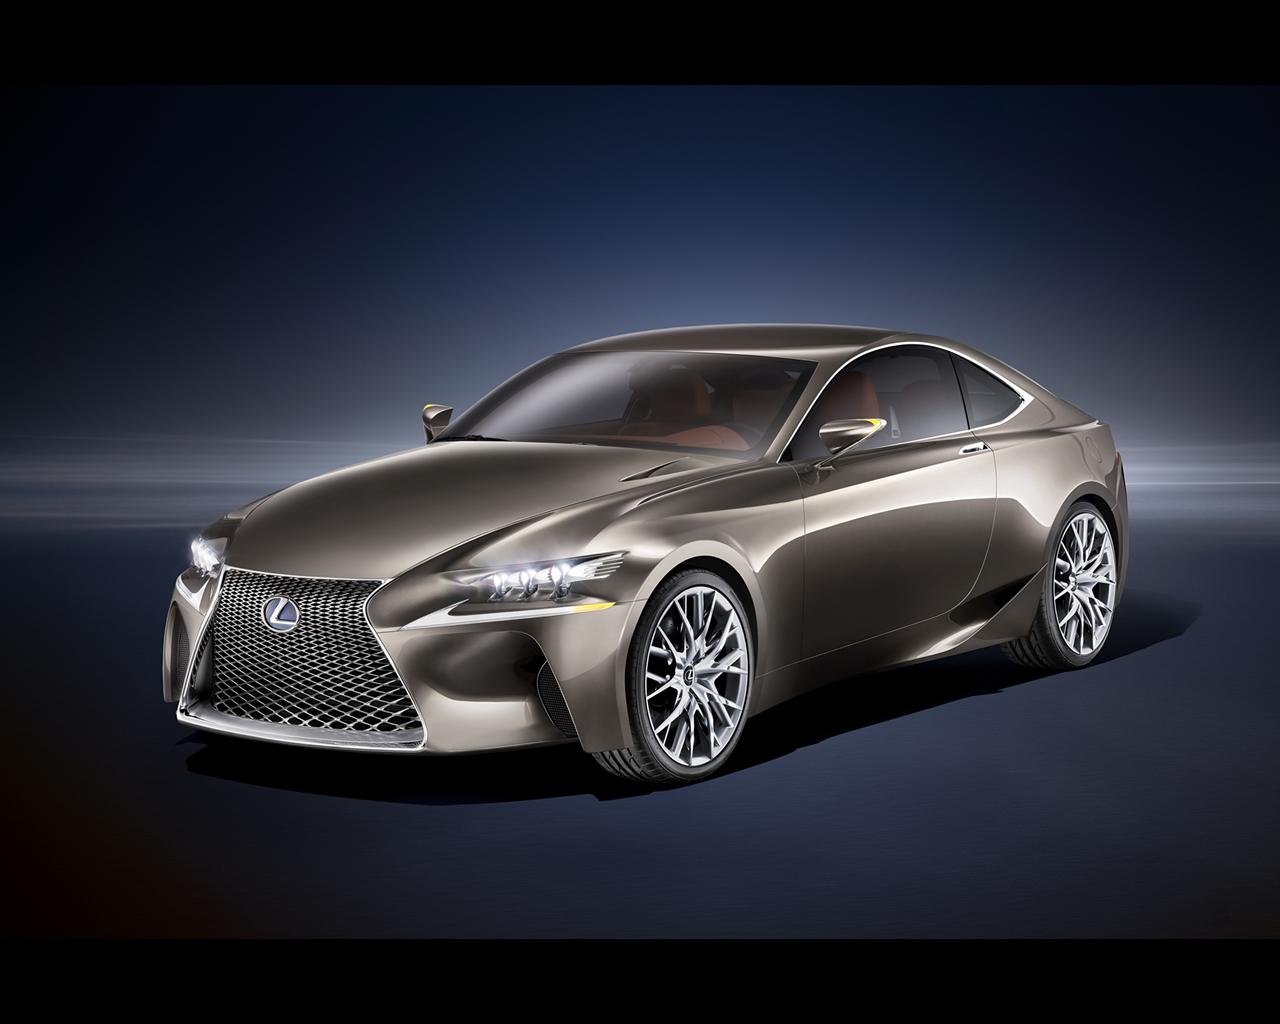 http://www.autoconcept-reviews.com/cars_reviews/lexus/Lexus-lf-cc-full-hybrid-coupe-concept-2012/wallpapers/Lexus-lf-cc-full-hybrid-coupe-concept-2012-1.jpg